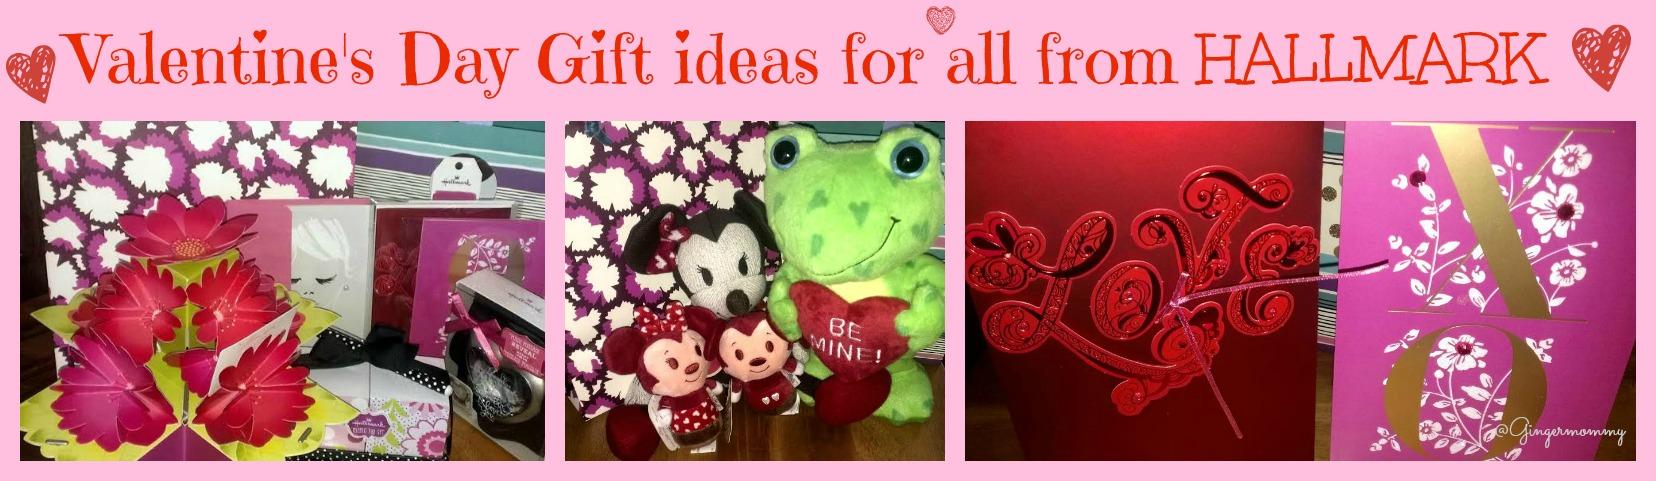 Hallmark Valentine's gifts